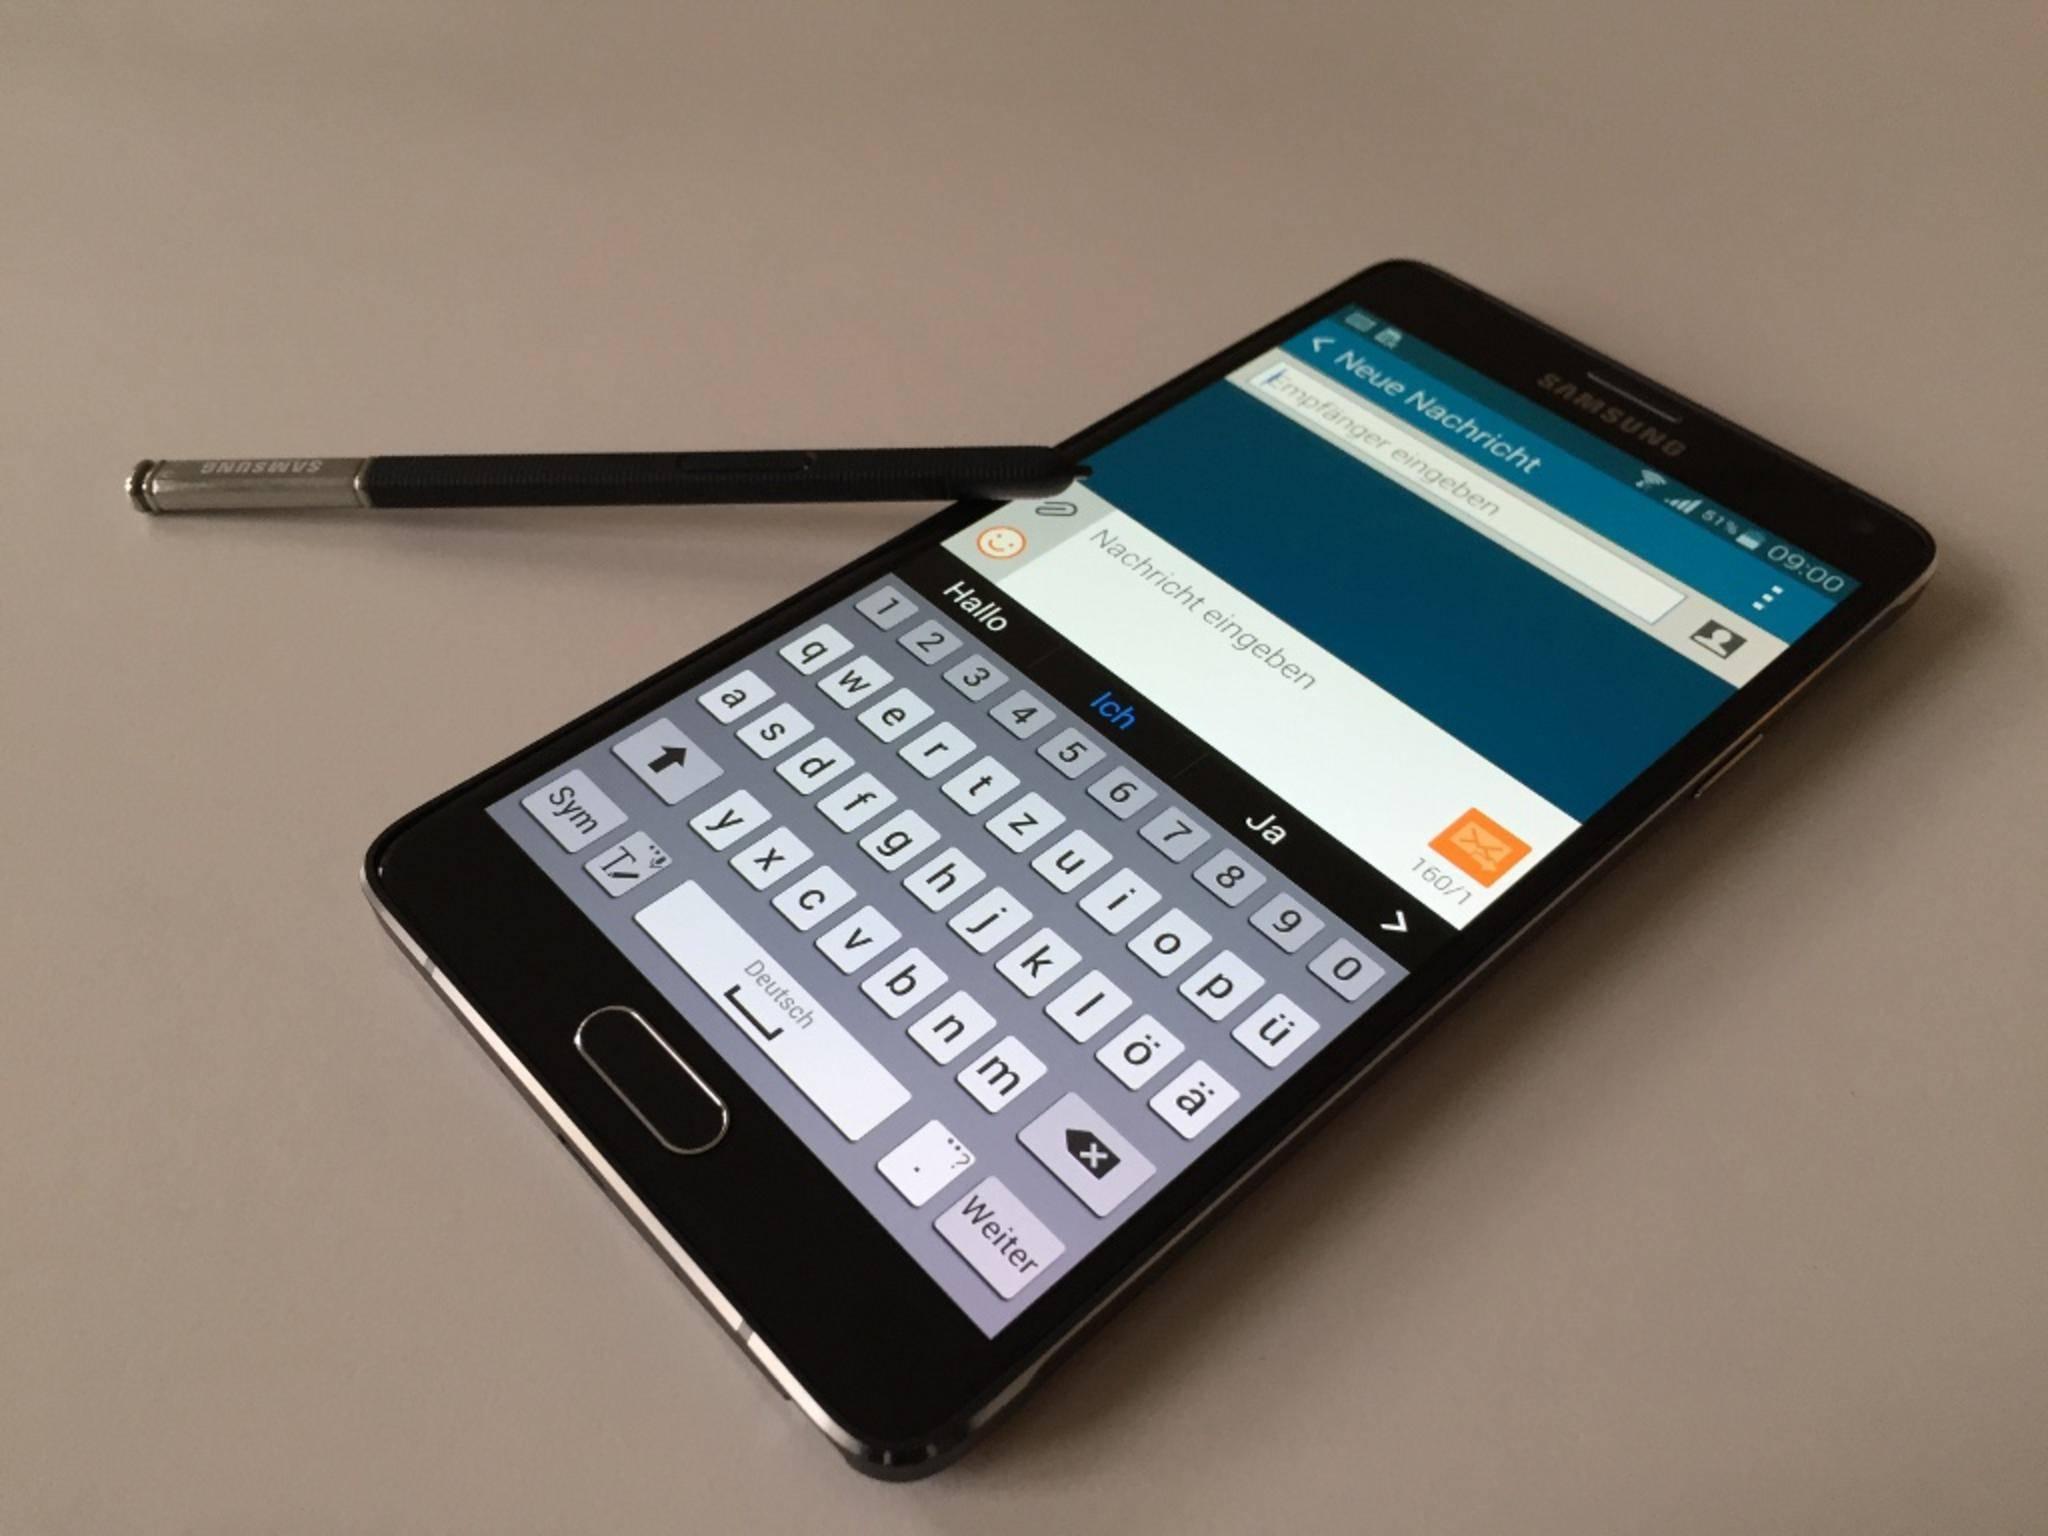 Galaxy Note 4 mit S-Pen: Zumindest die nächste Edge-Variante des Note 5 soll ohne Stift auskommen